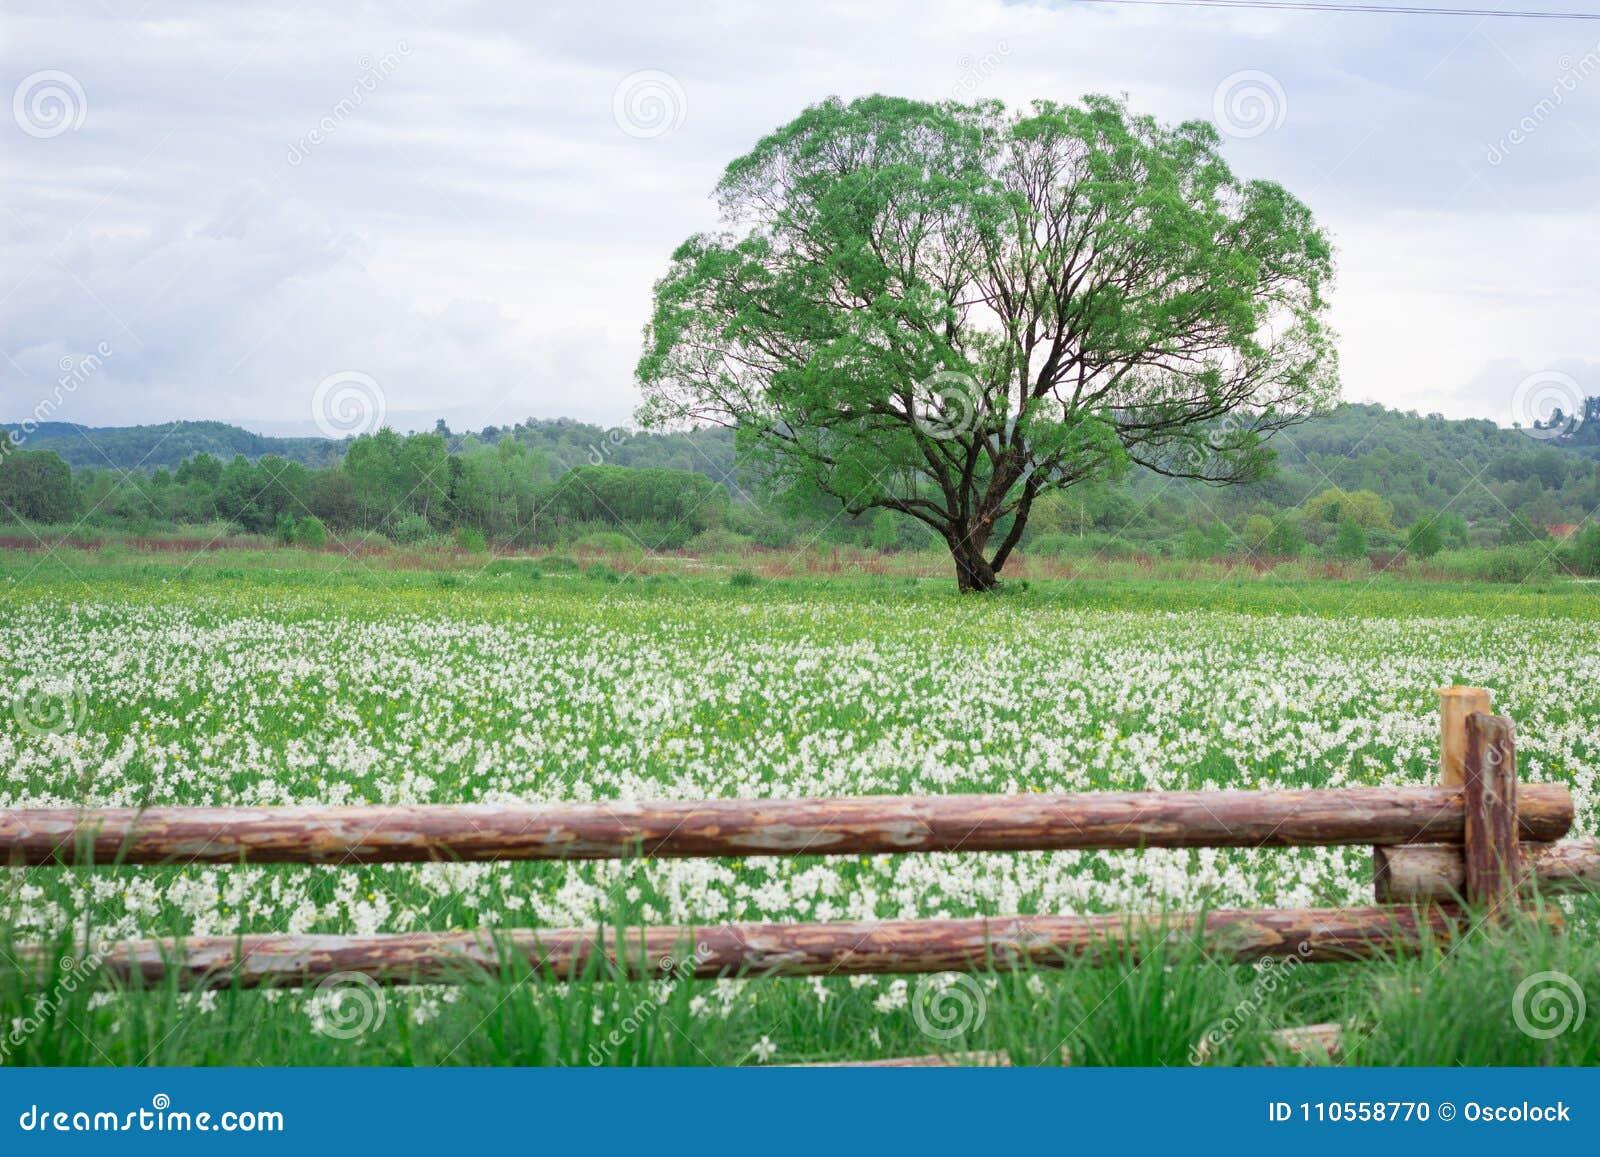 Bloeiend groen gebied met eenzame eiken boom achter houten omheining